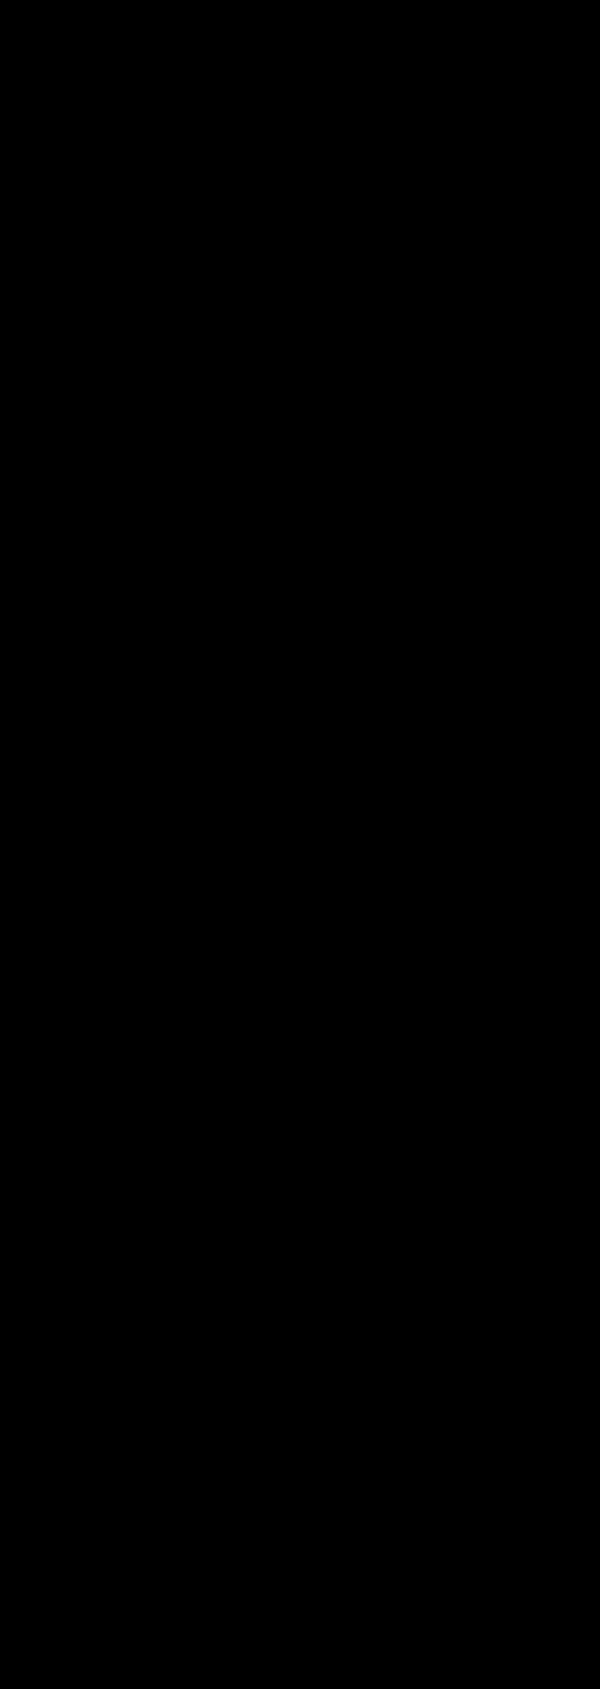 Person Outline Clip Art - 71231